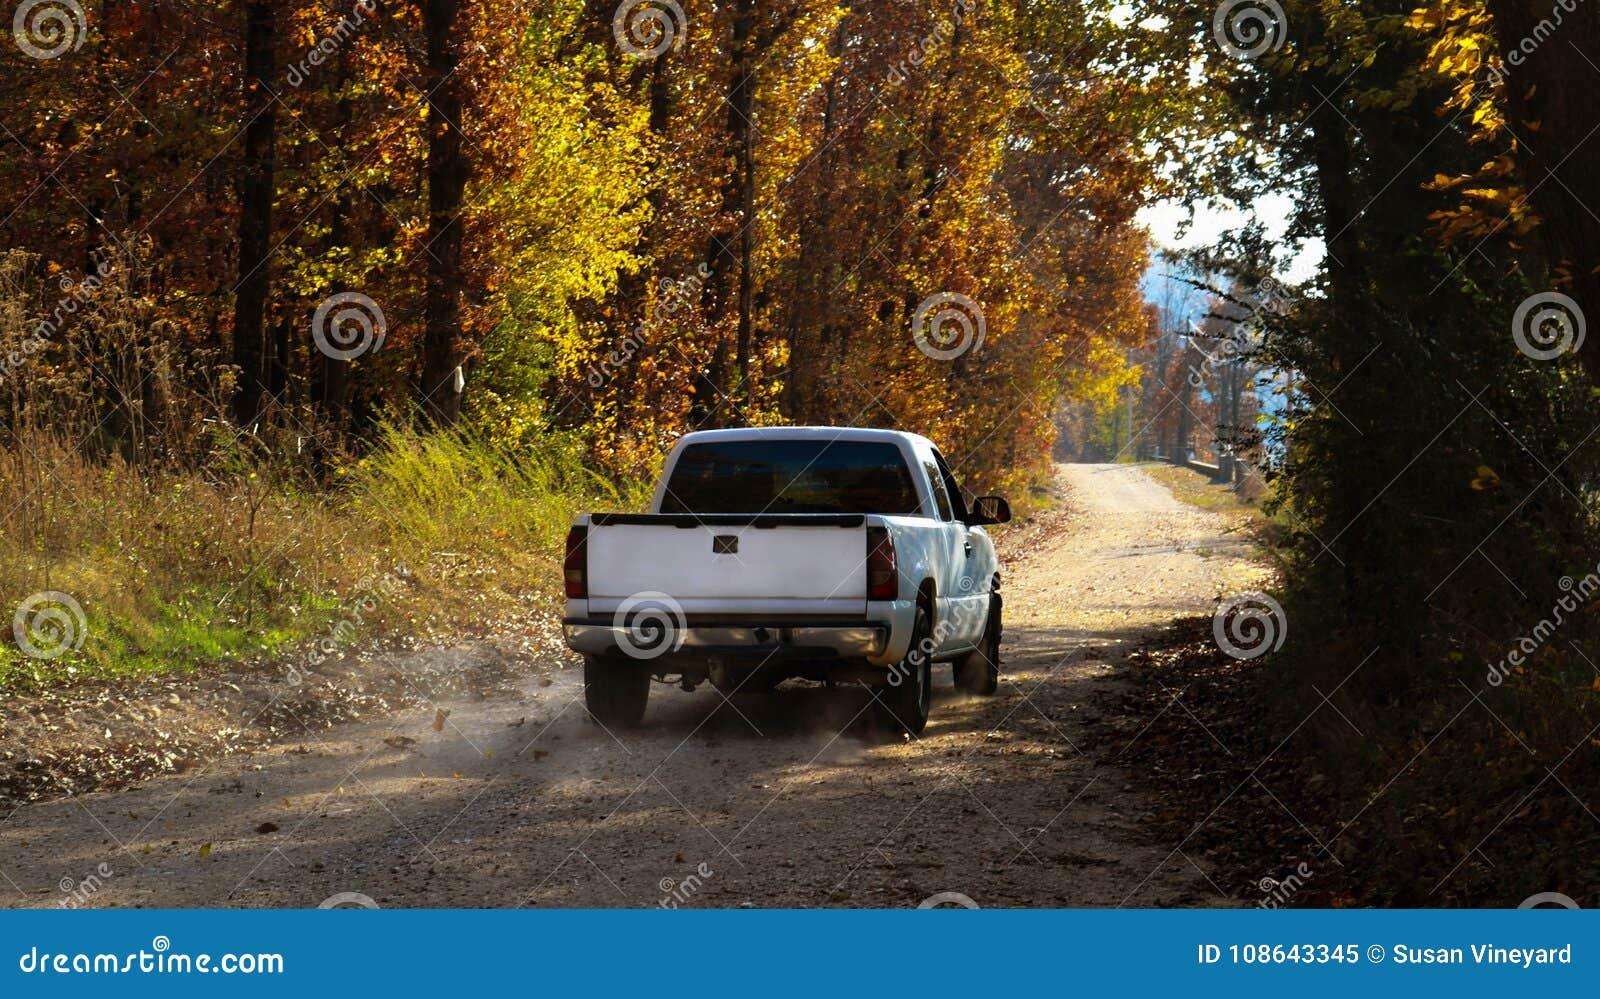 Άσπρη οδήγηση ανοιχτών φορτηγών κάτω από το σκονισμένο βρώμικο δρόμο με τα φύλλα και τη σκόνη πτώσης πίσω